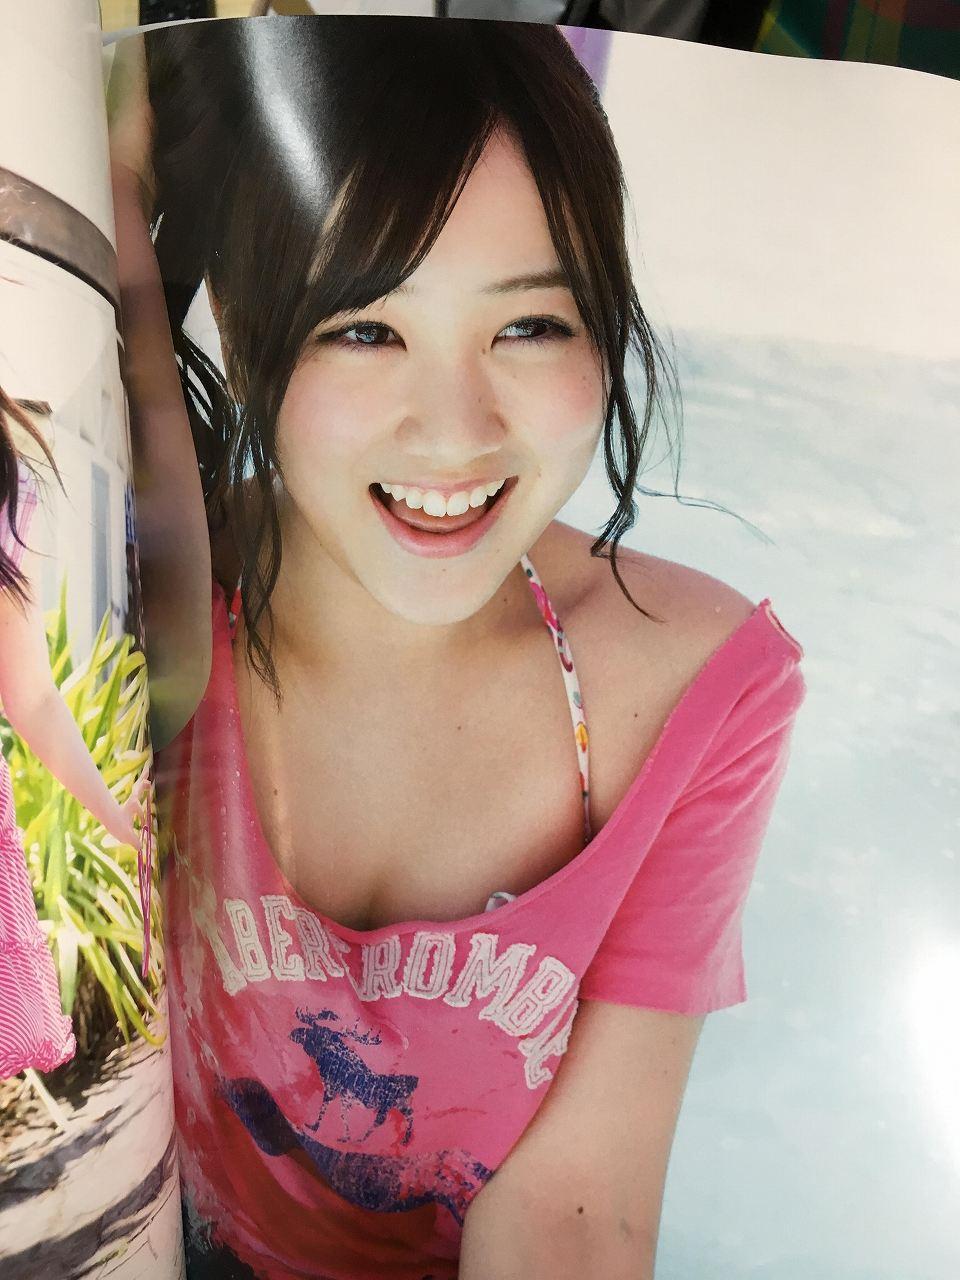 乃木坂46のセカンド写真集「1時間遅れのI love you.」画像